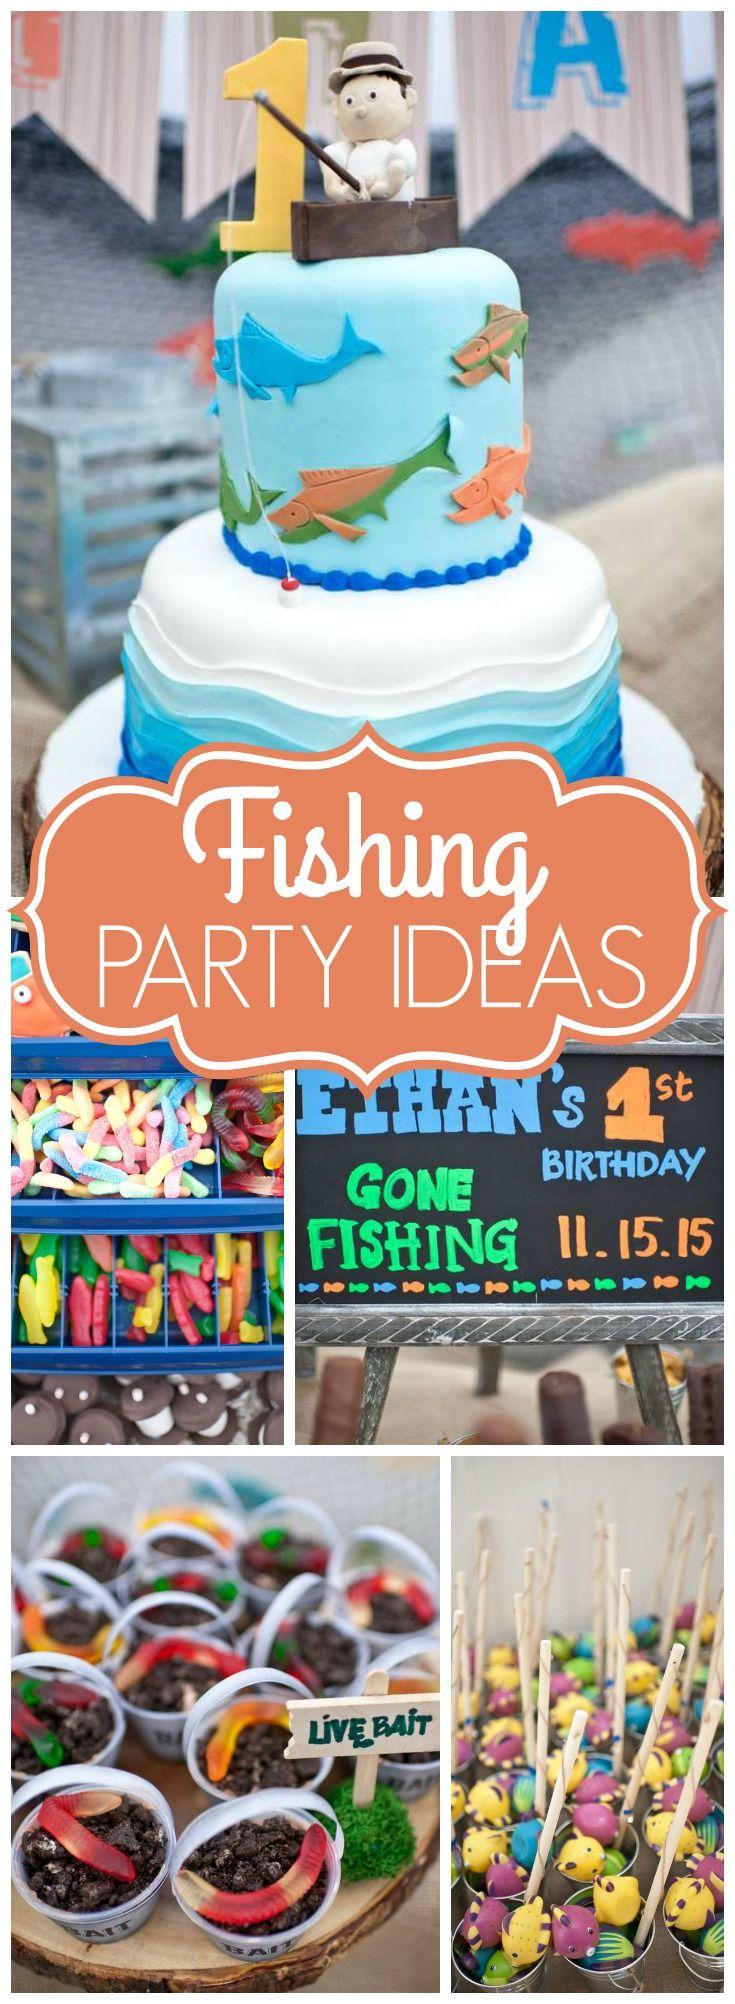 """Gone Fishing / Birthday """"Ethan's Gone Fishing 1st Birthday"""